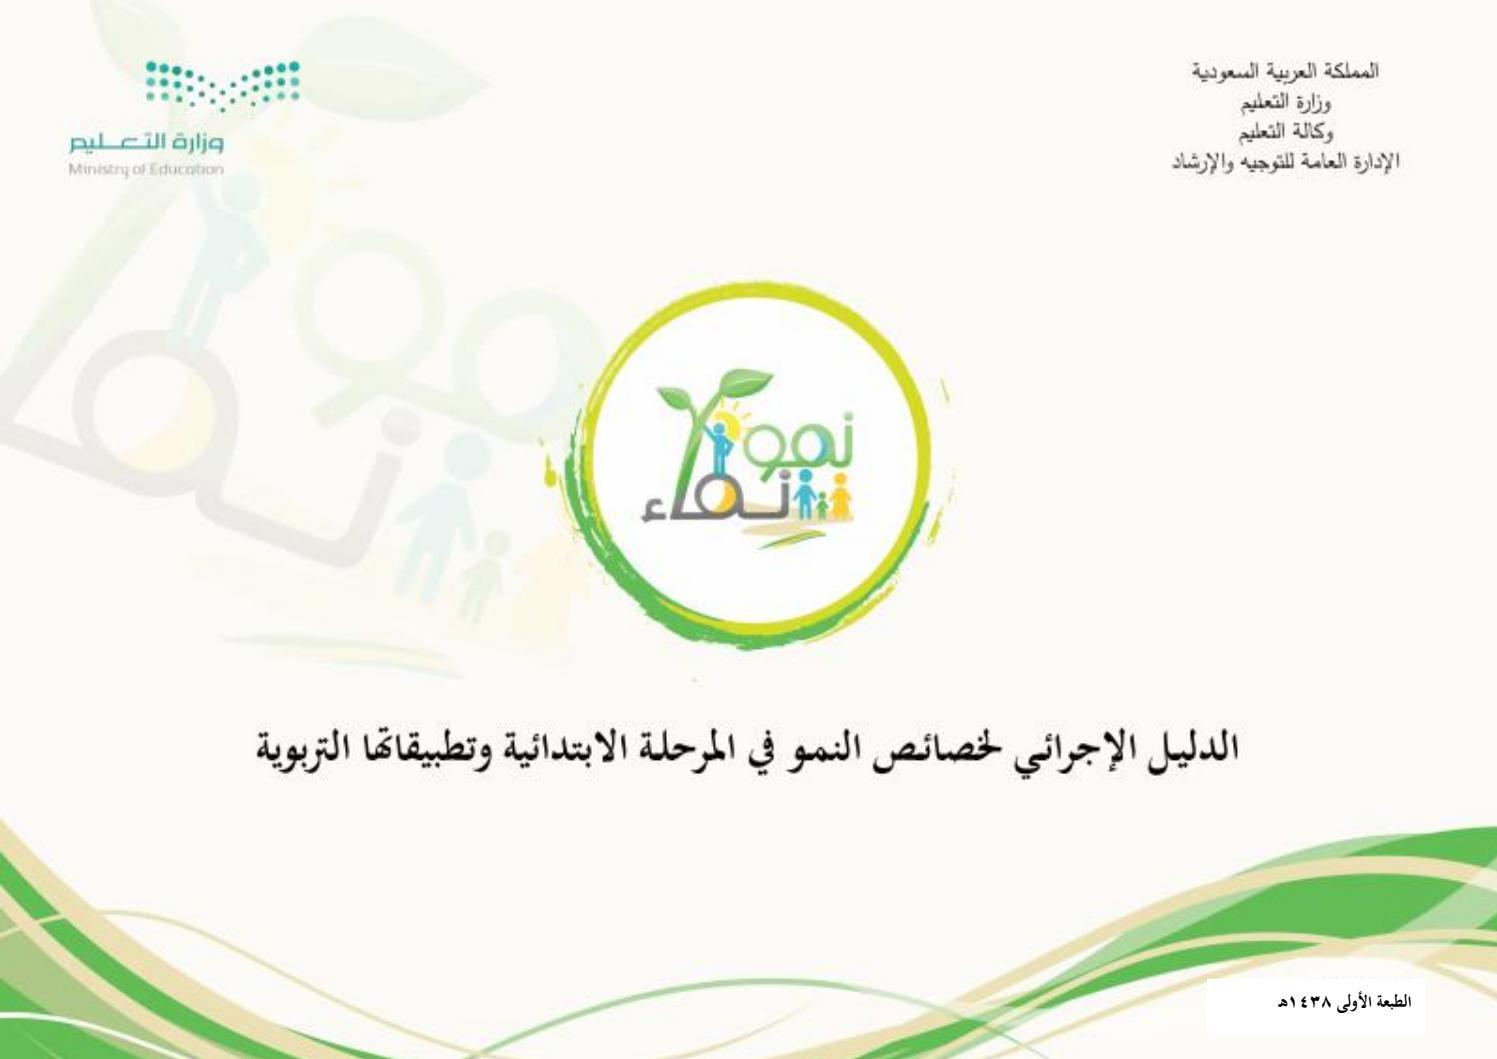 خصائص النمو للمرحلة الابتدائية By عبدالرحمن الأحمدي Issuu